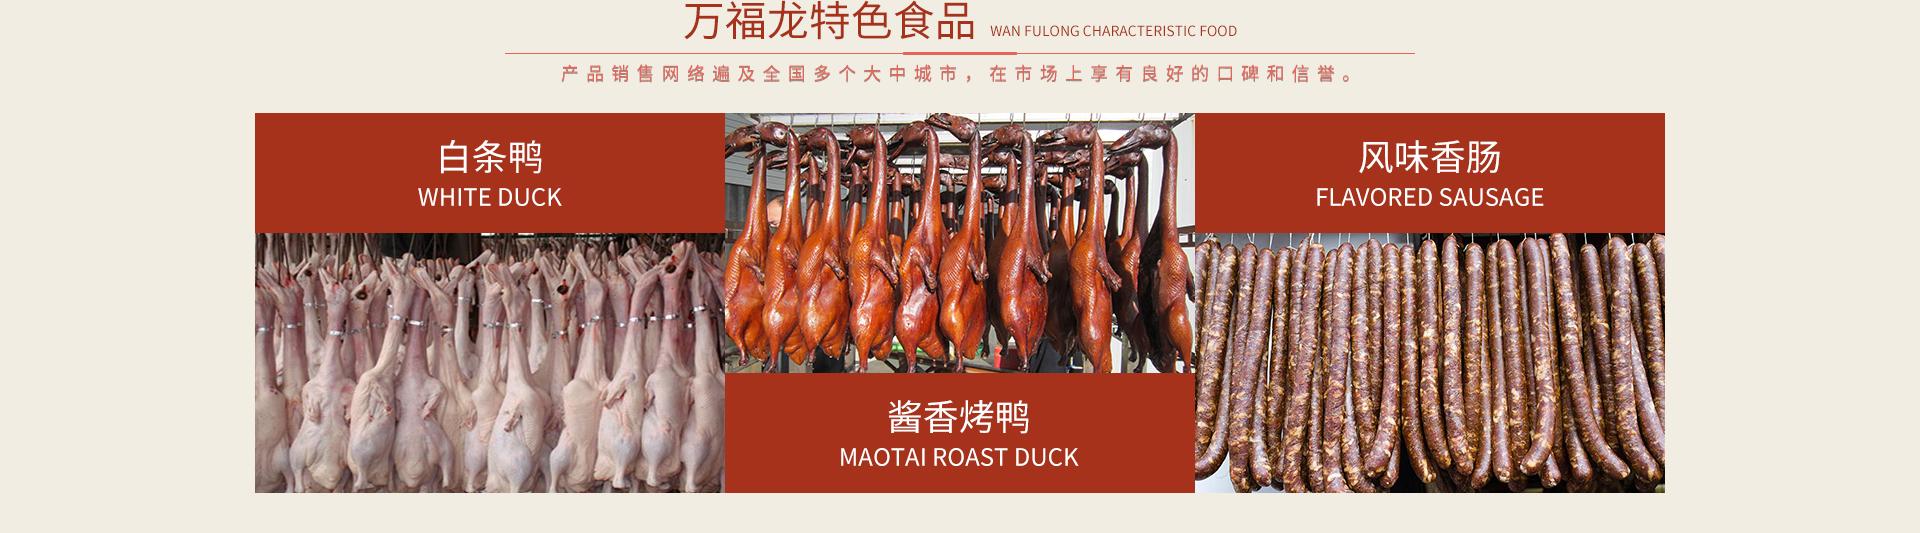 临沂市万福龙食品有限公司是一家专业生产必威网址,烤鸭,烧鸡,腊肉腊肠等食品的批发厂家,产品种类多样,质量保证,联系热线:13854944018.